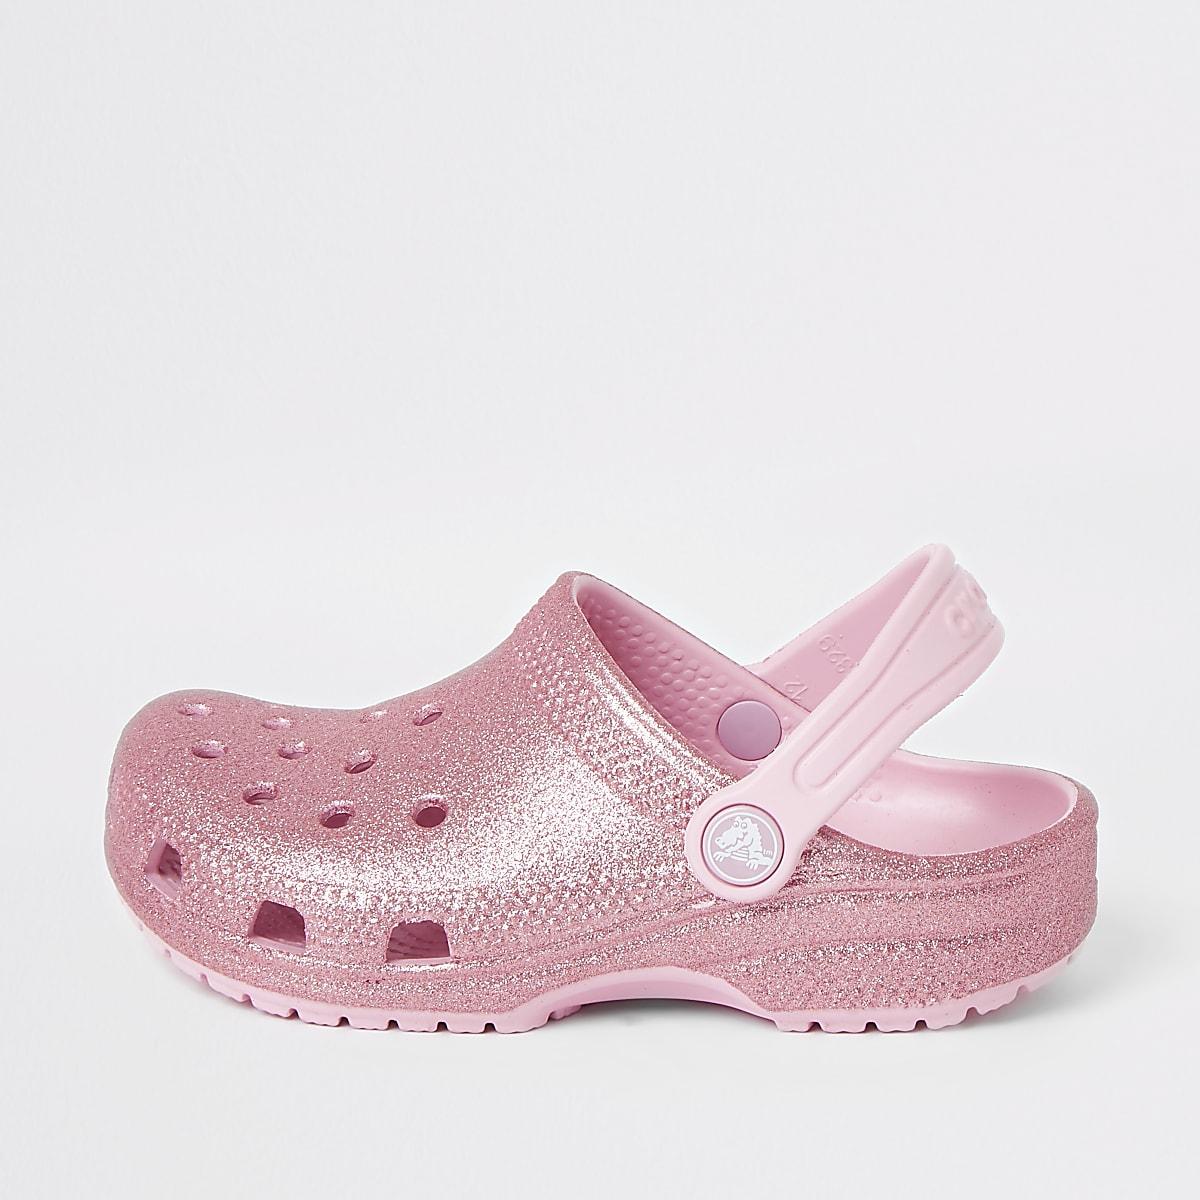 Girls Crocs pink glitter clogs